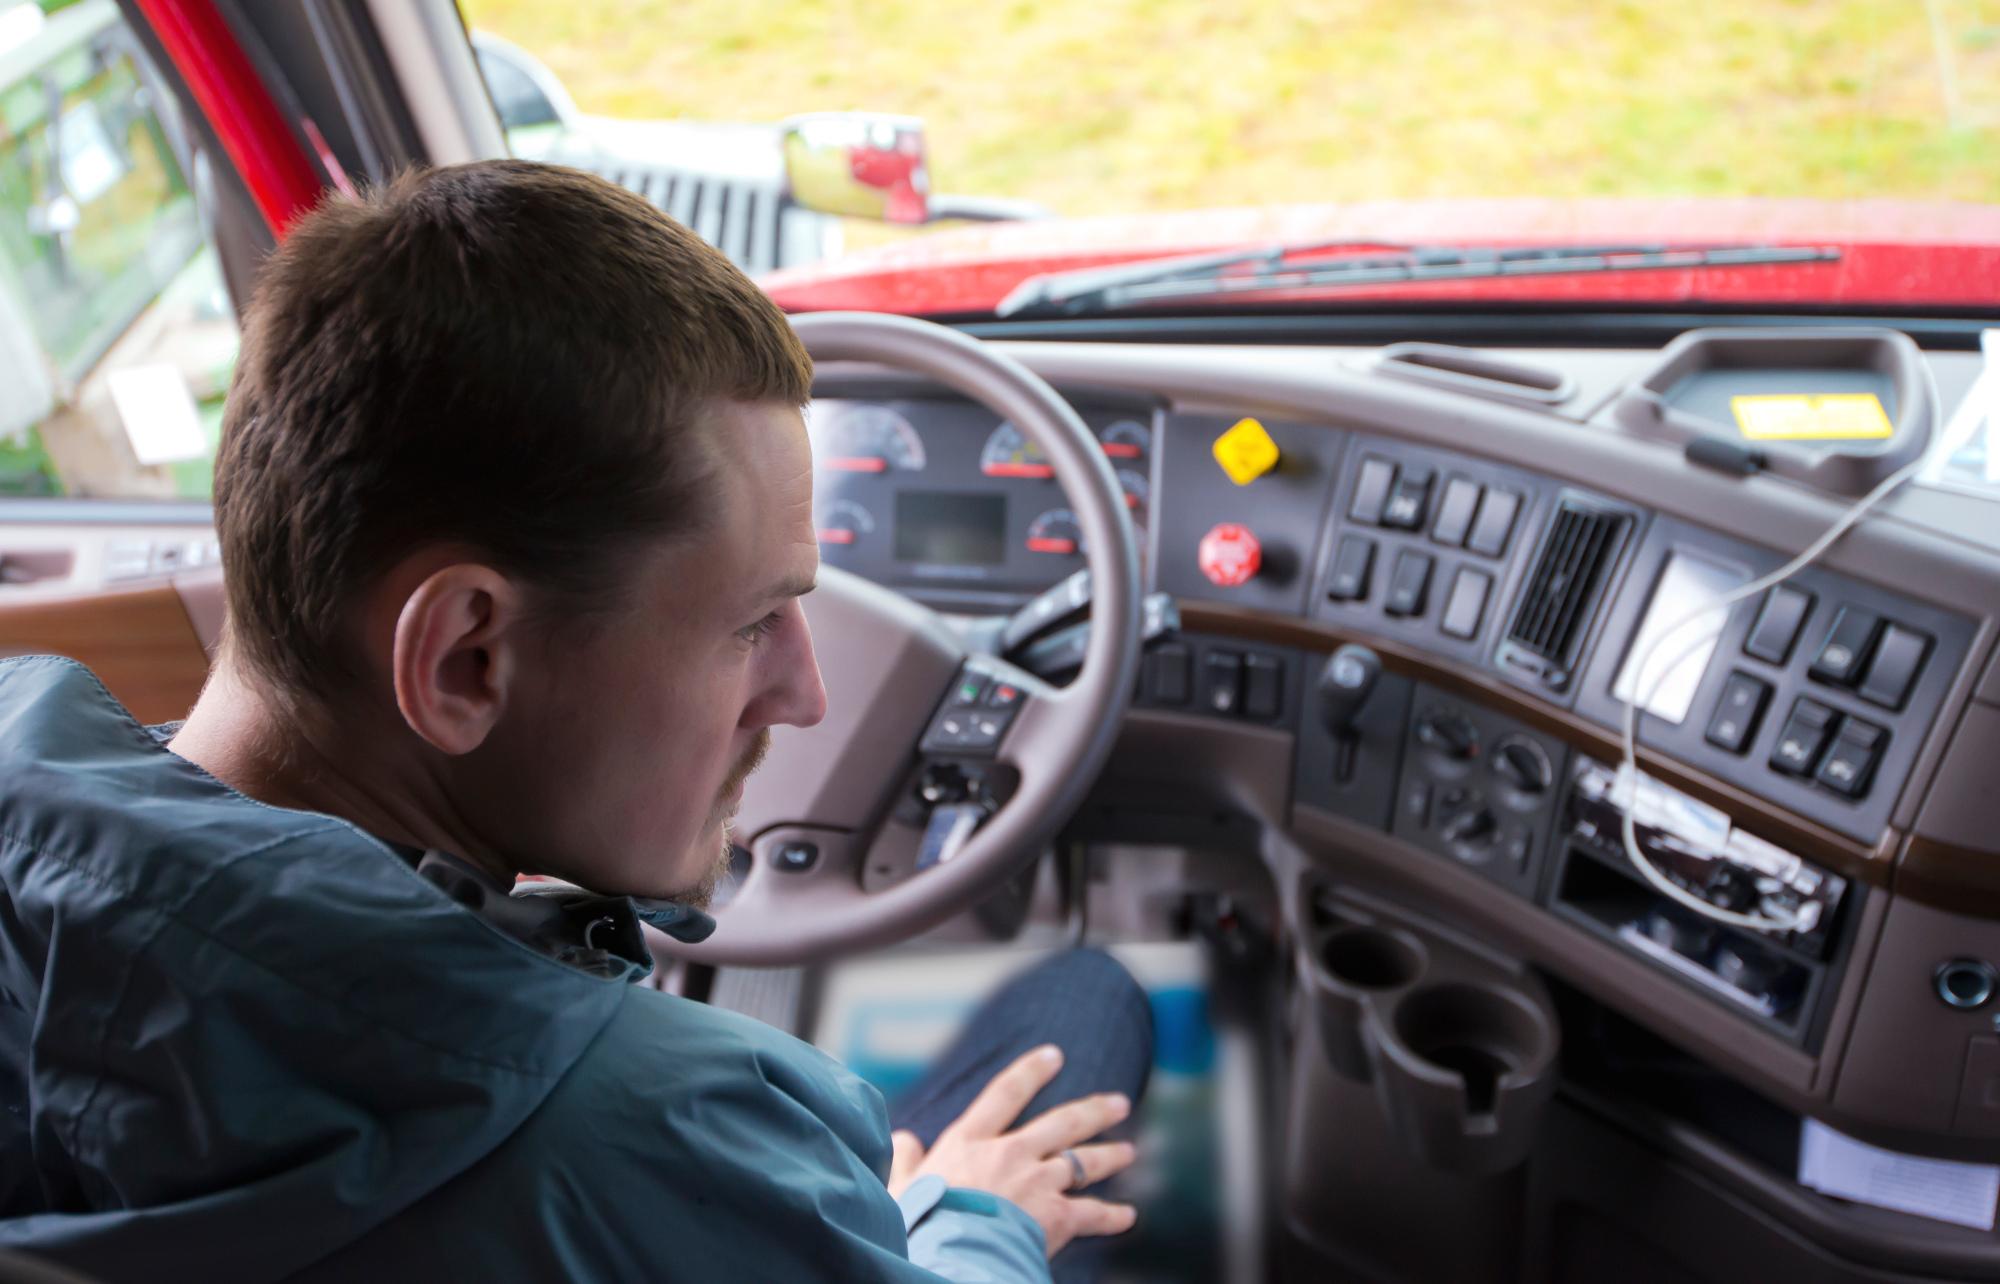 17-latkowie za kierownicą 40-tonowych pojazdów? Niemcy mają pomysł na brak kadr w transporcie